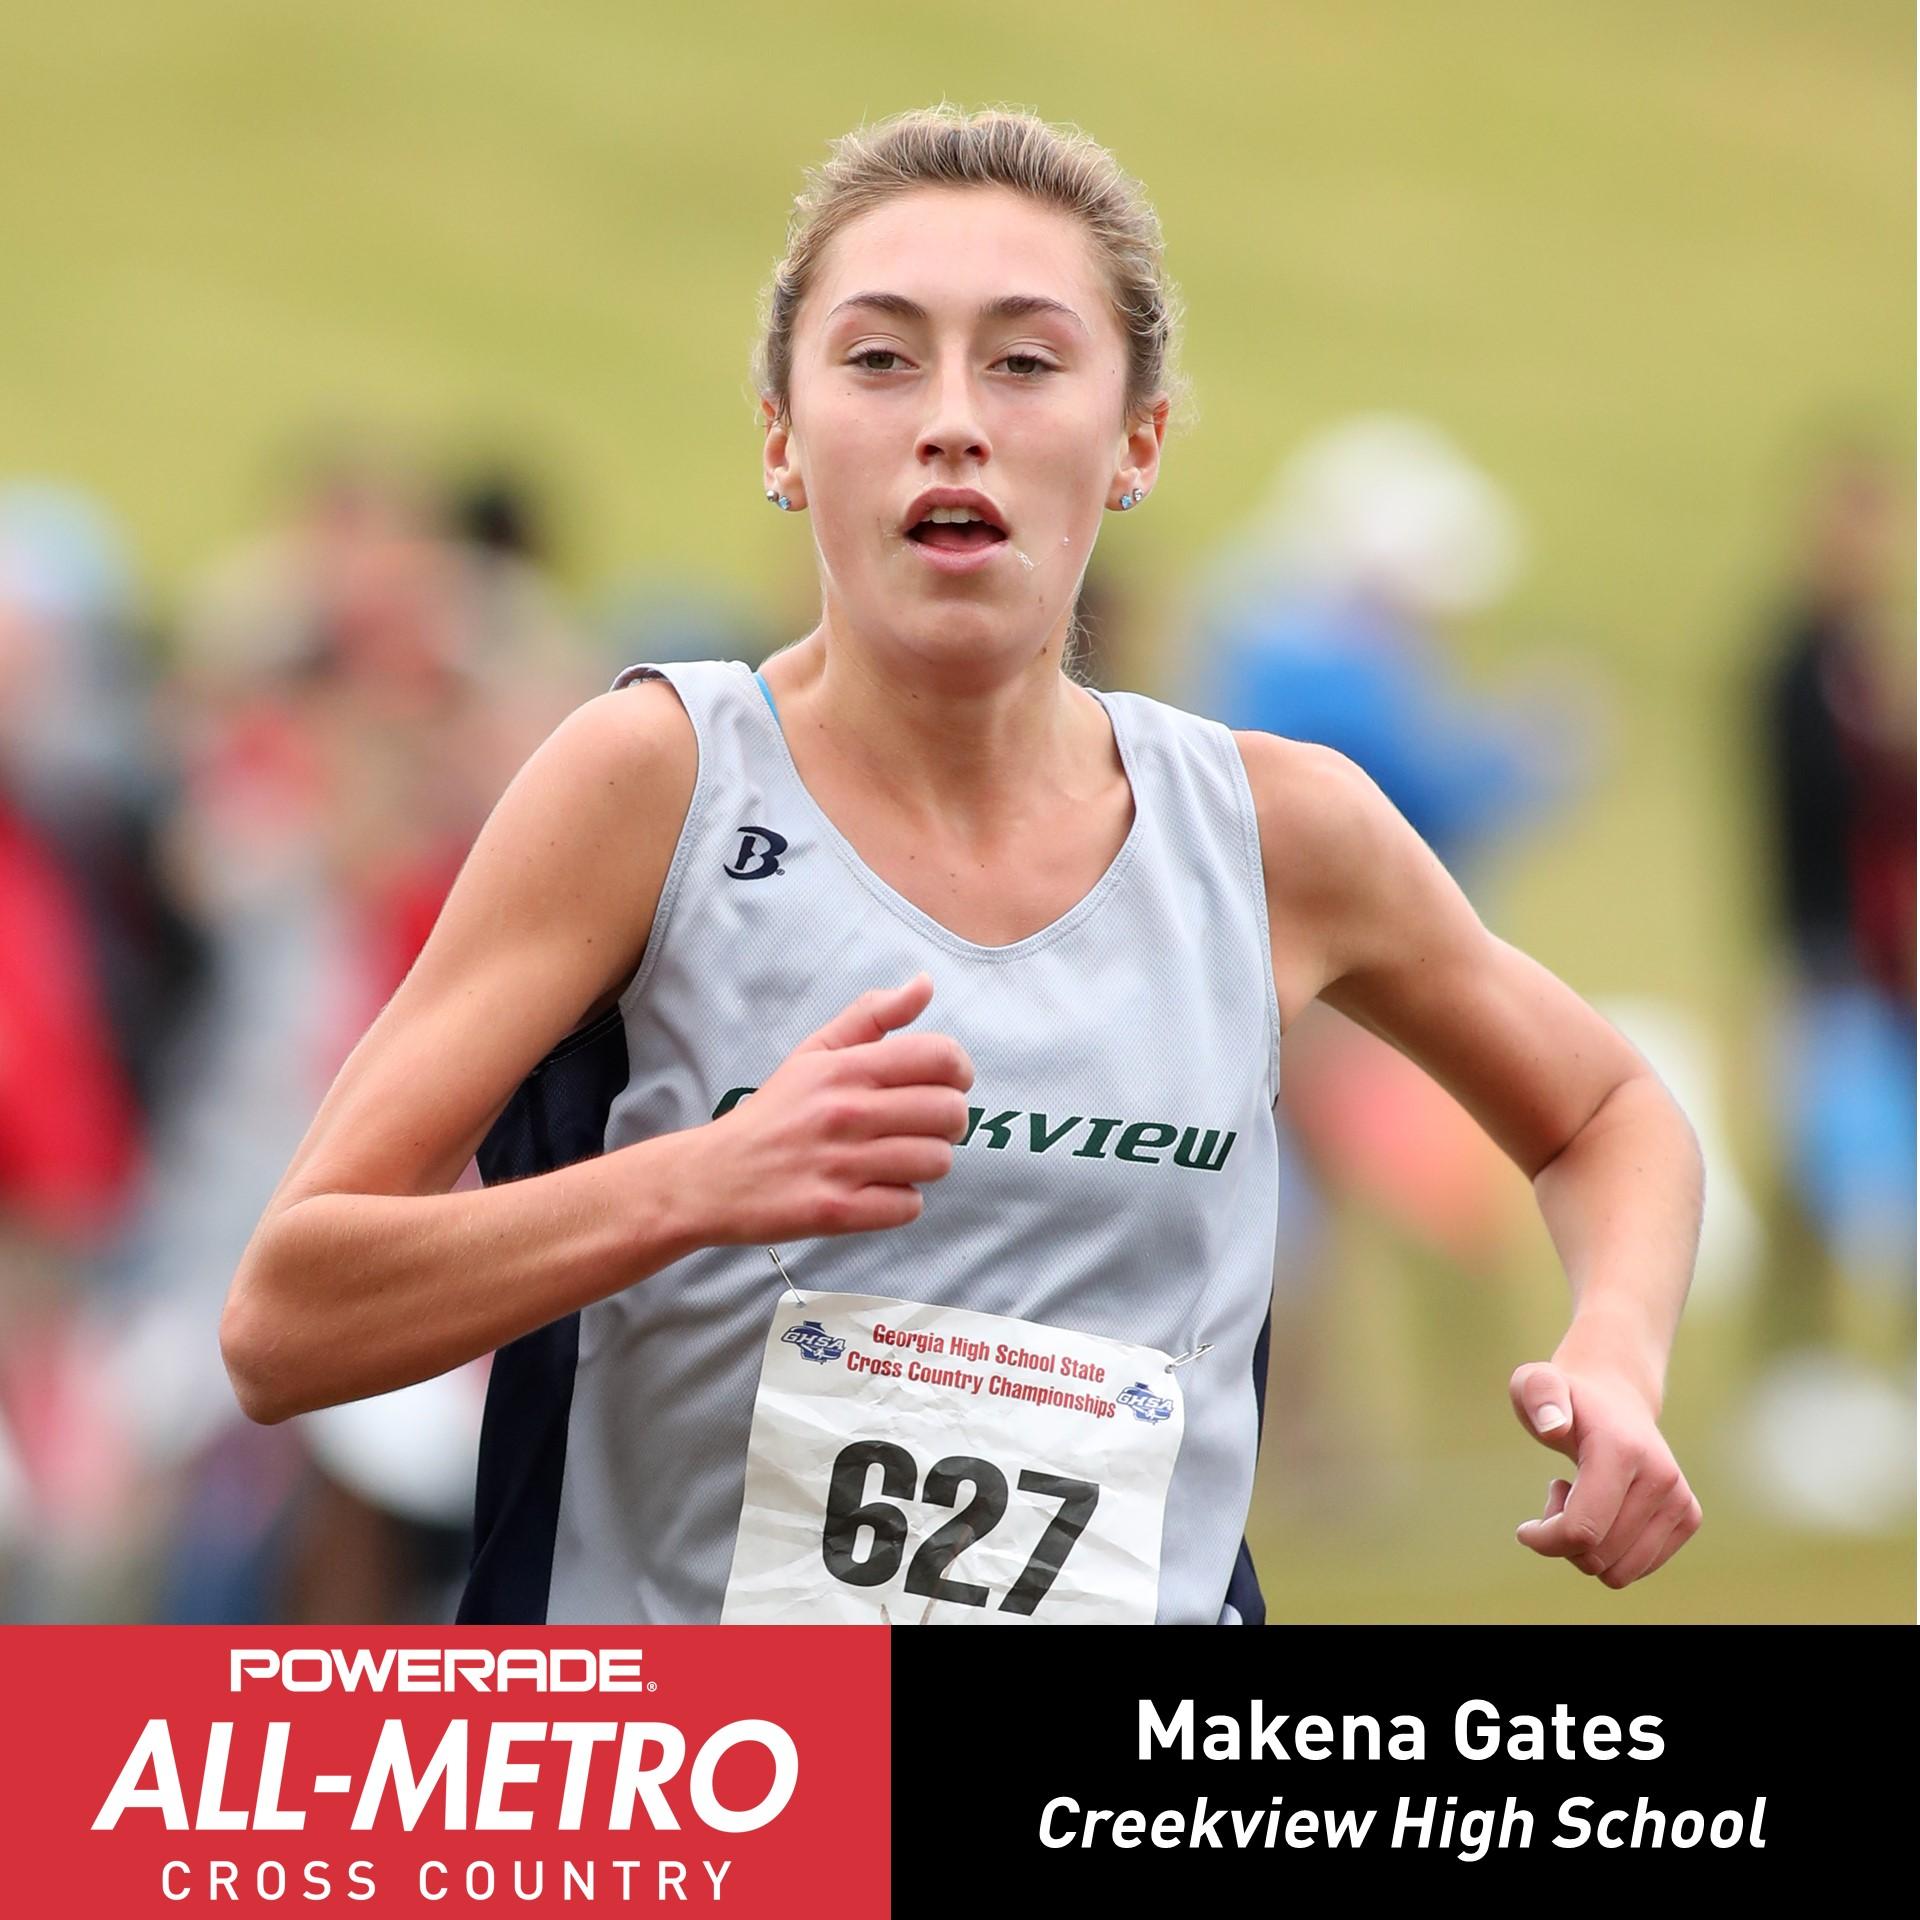 Makena Gates named to the All-Metro Team